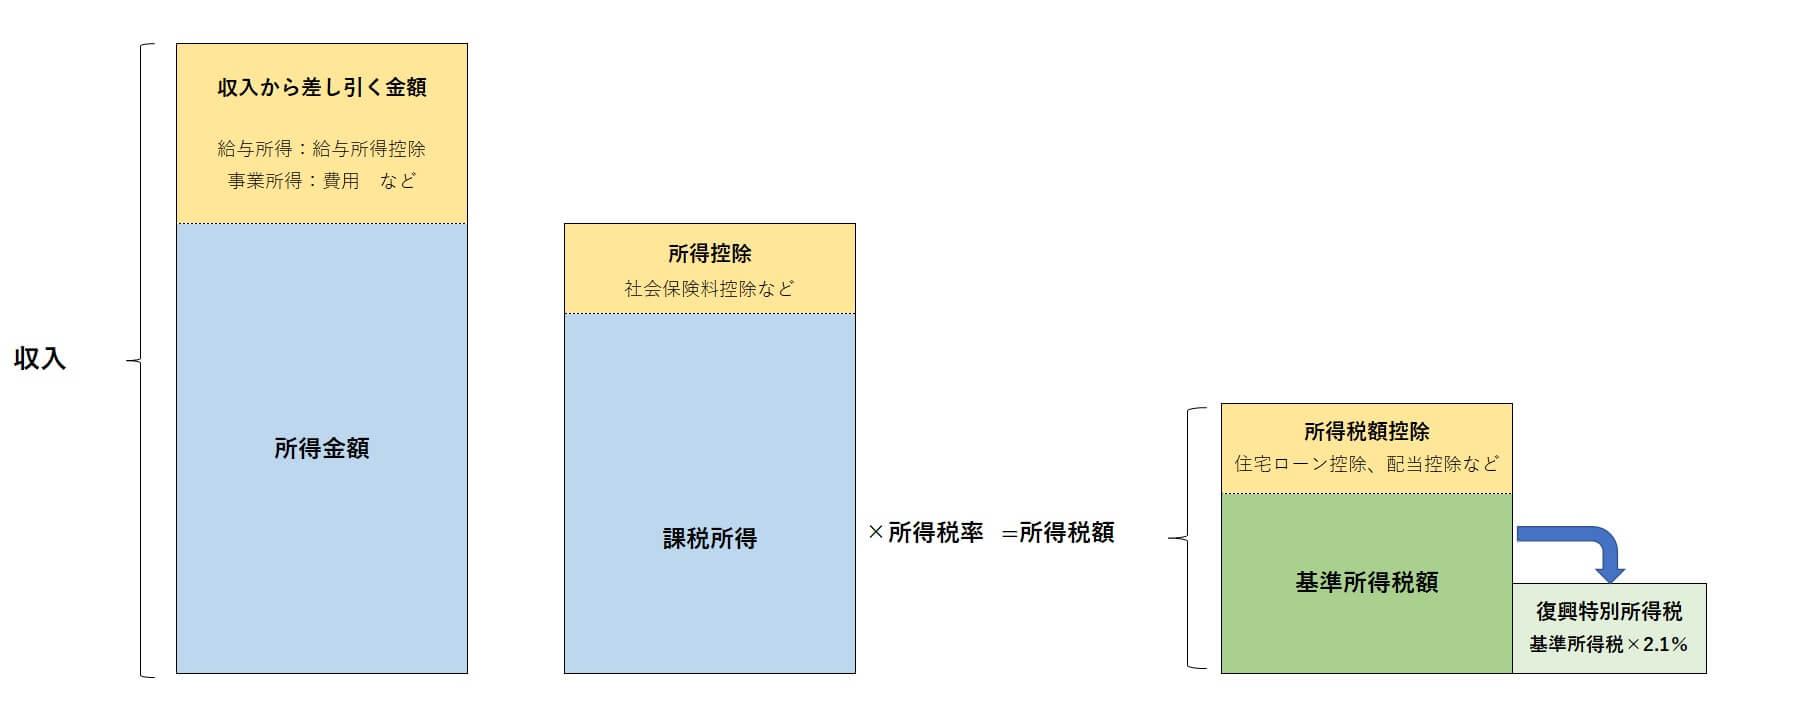 収入、所得、所得控除、税額控除、そして所得税額を求めるまでの計算過程を図にしました。